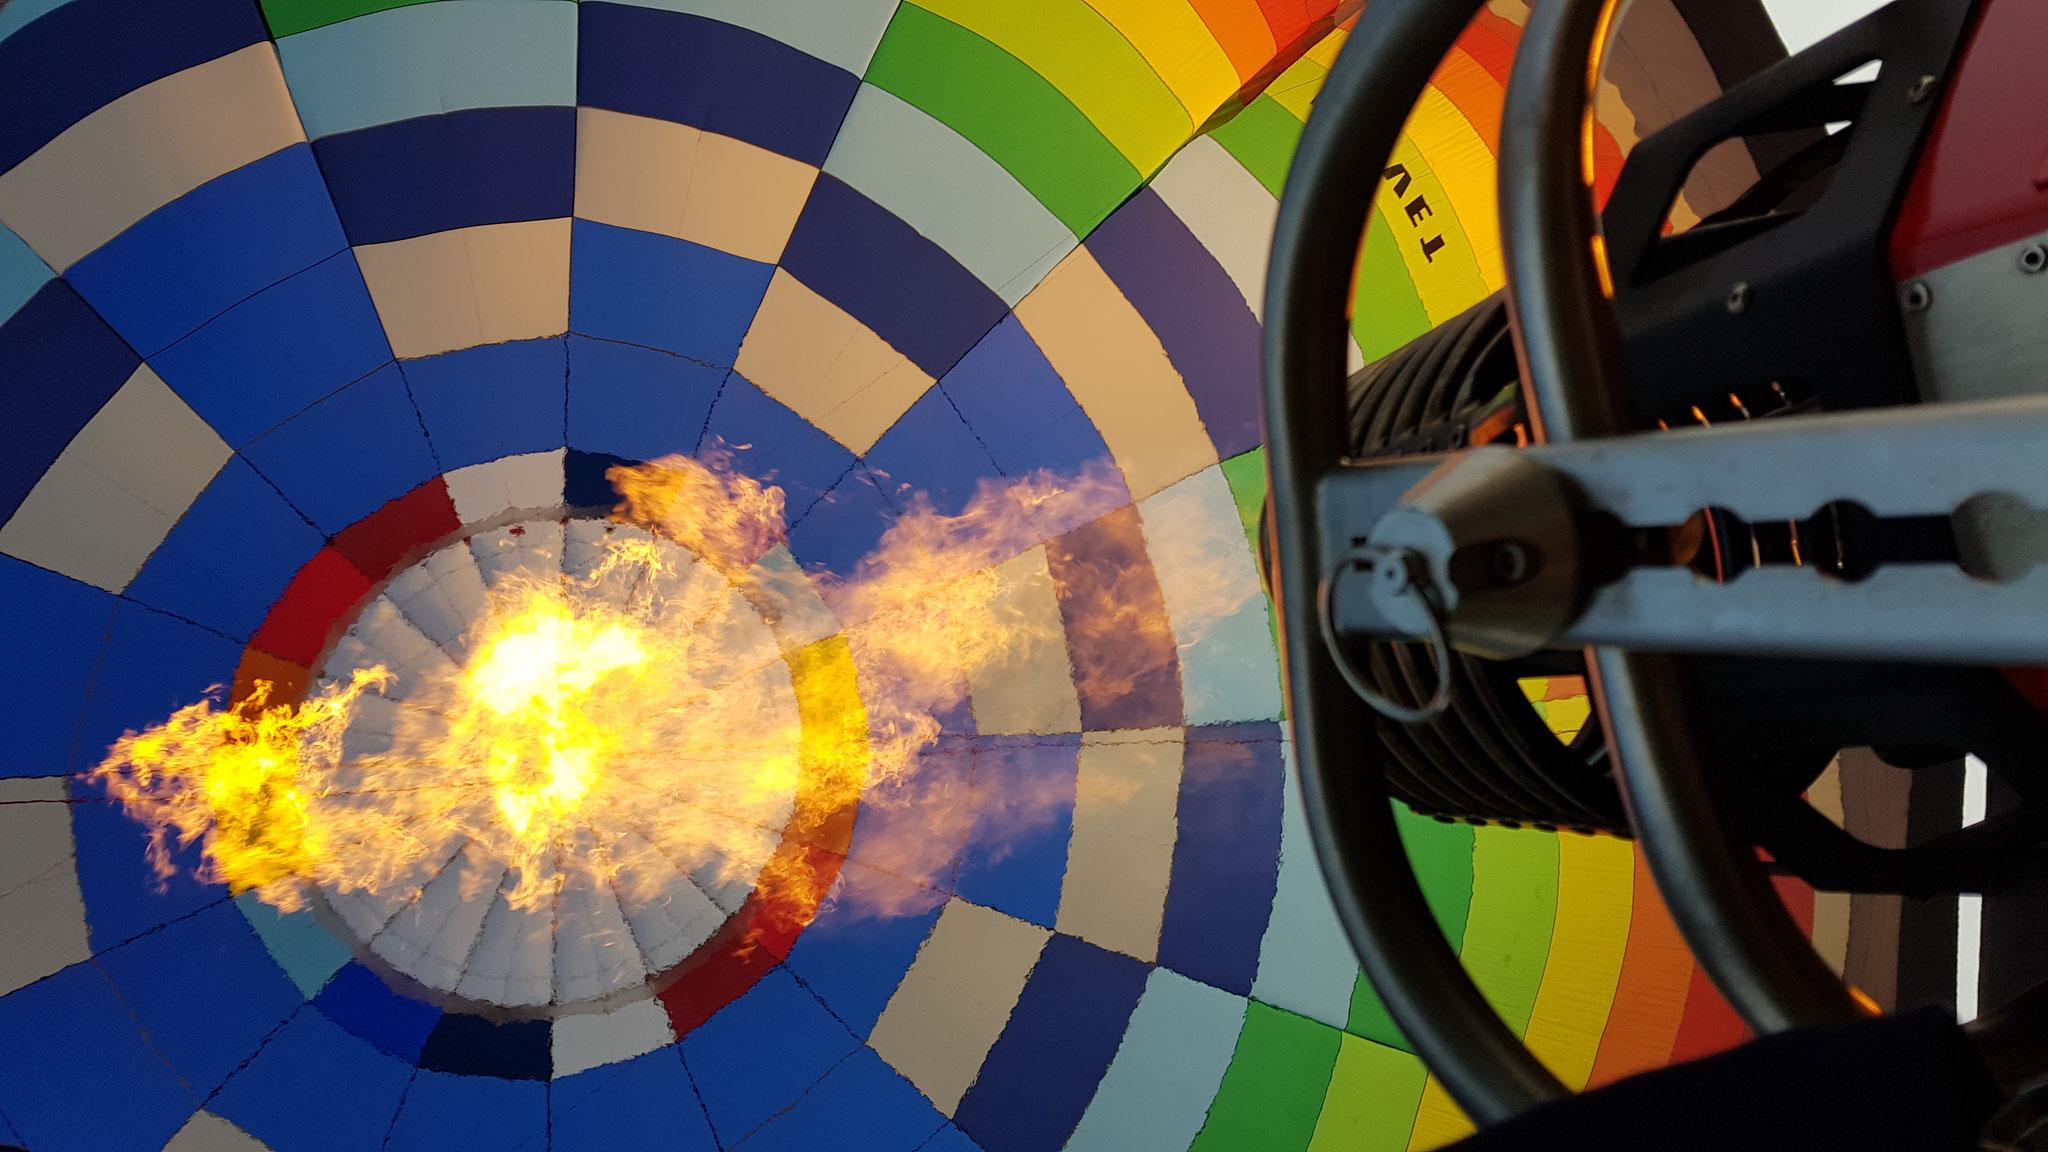 Binnenkant van de ballon met brander